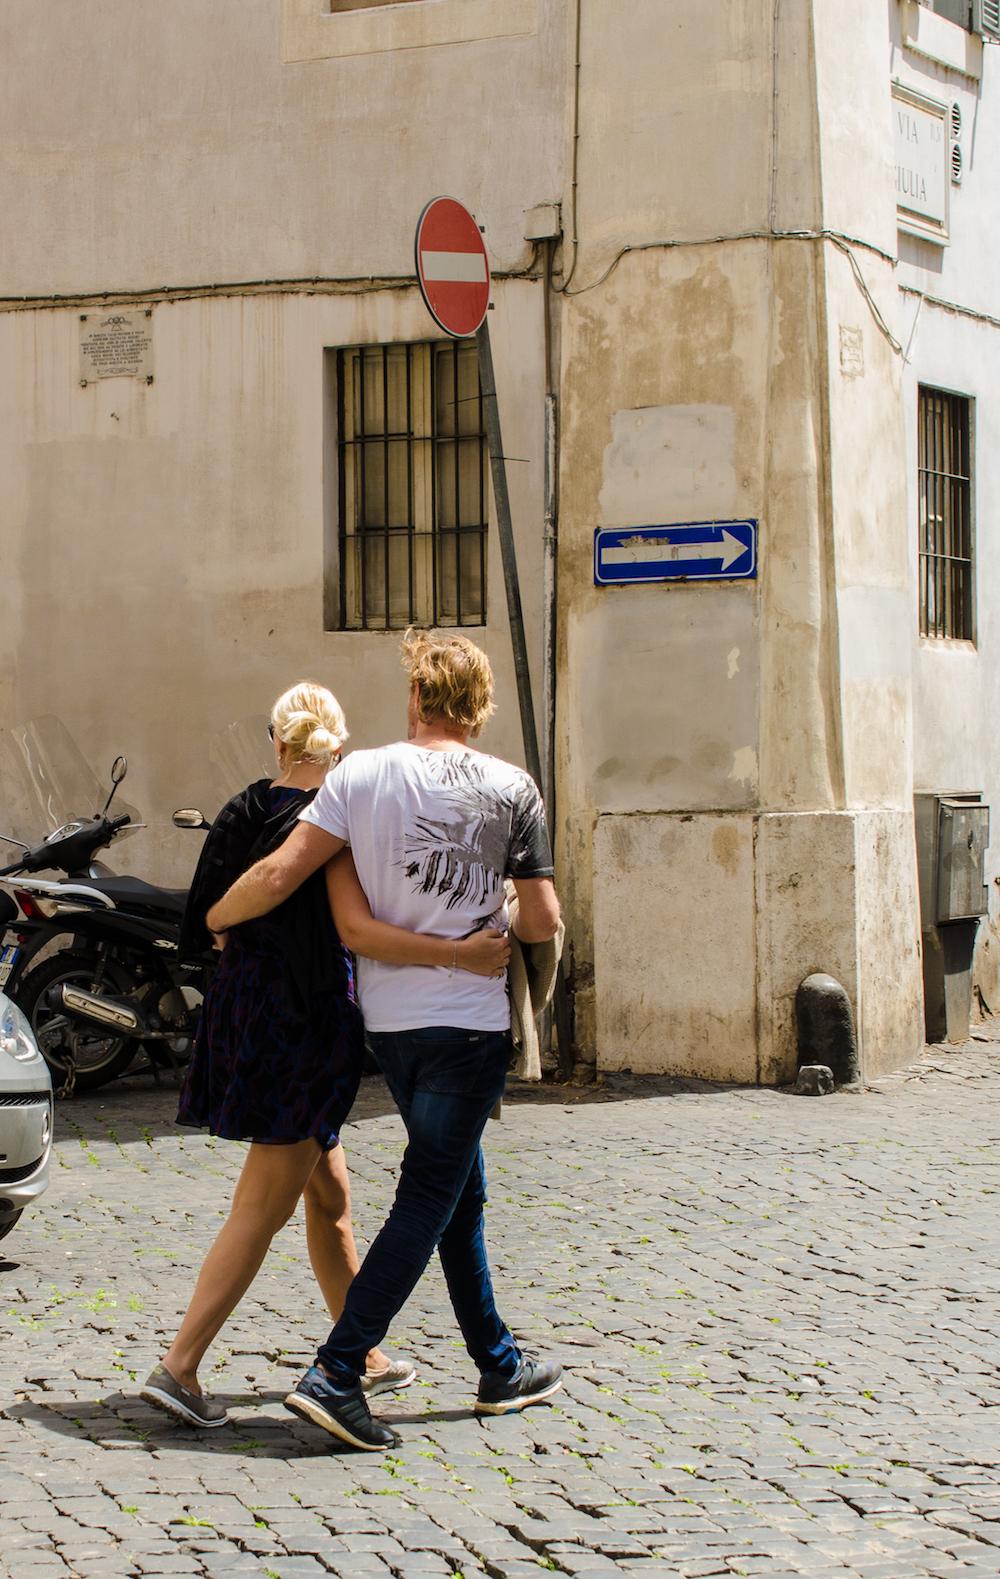 near piazza navona in Rome Italy, photo by Jenny Adams-0949